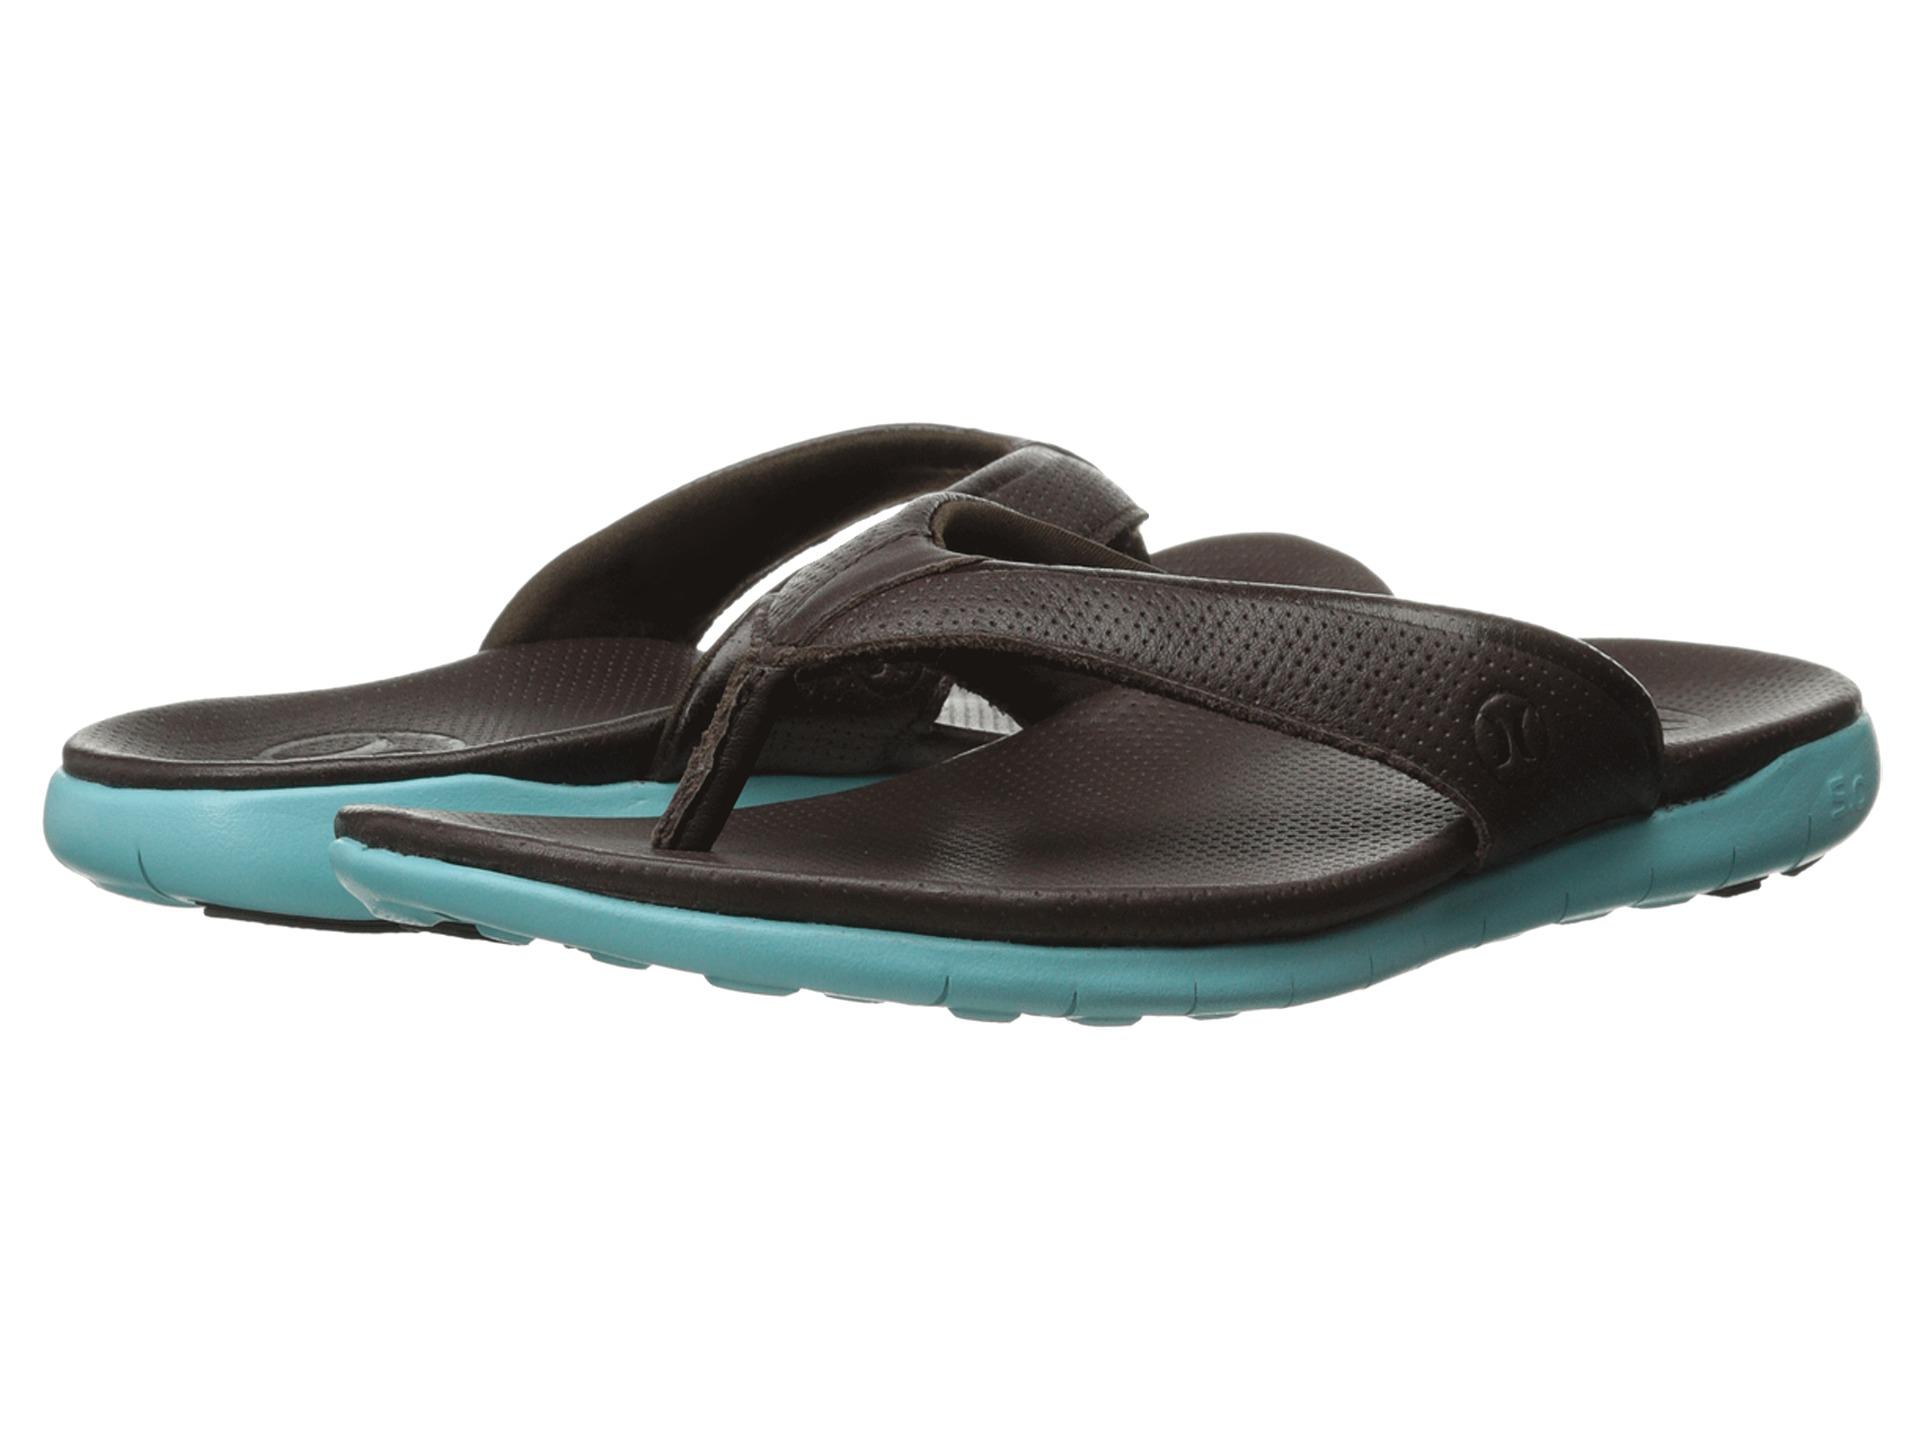 7d21daf11d92 Lyst - Hurley Phantom Free Elite Sandal in Blue for Men